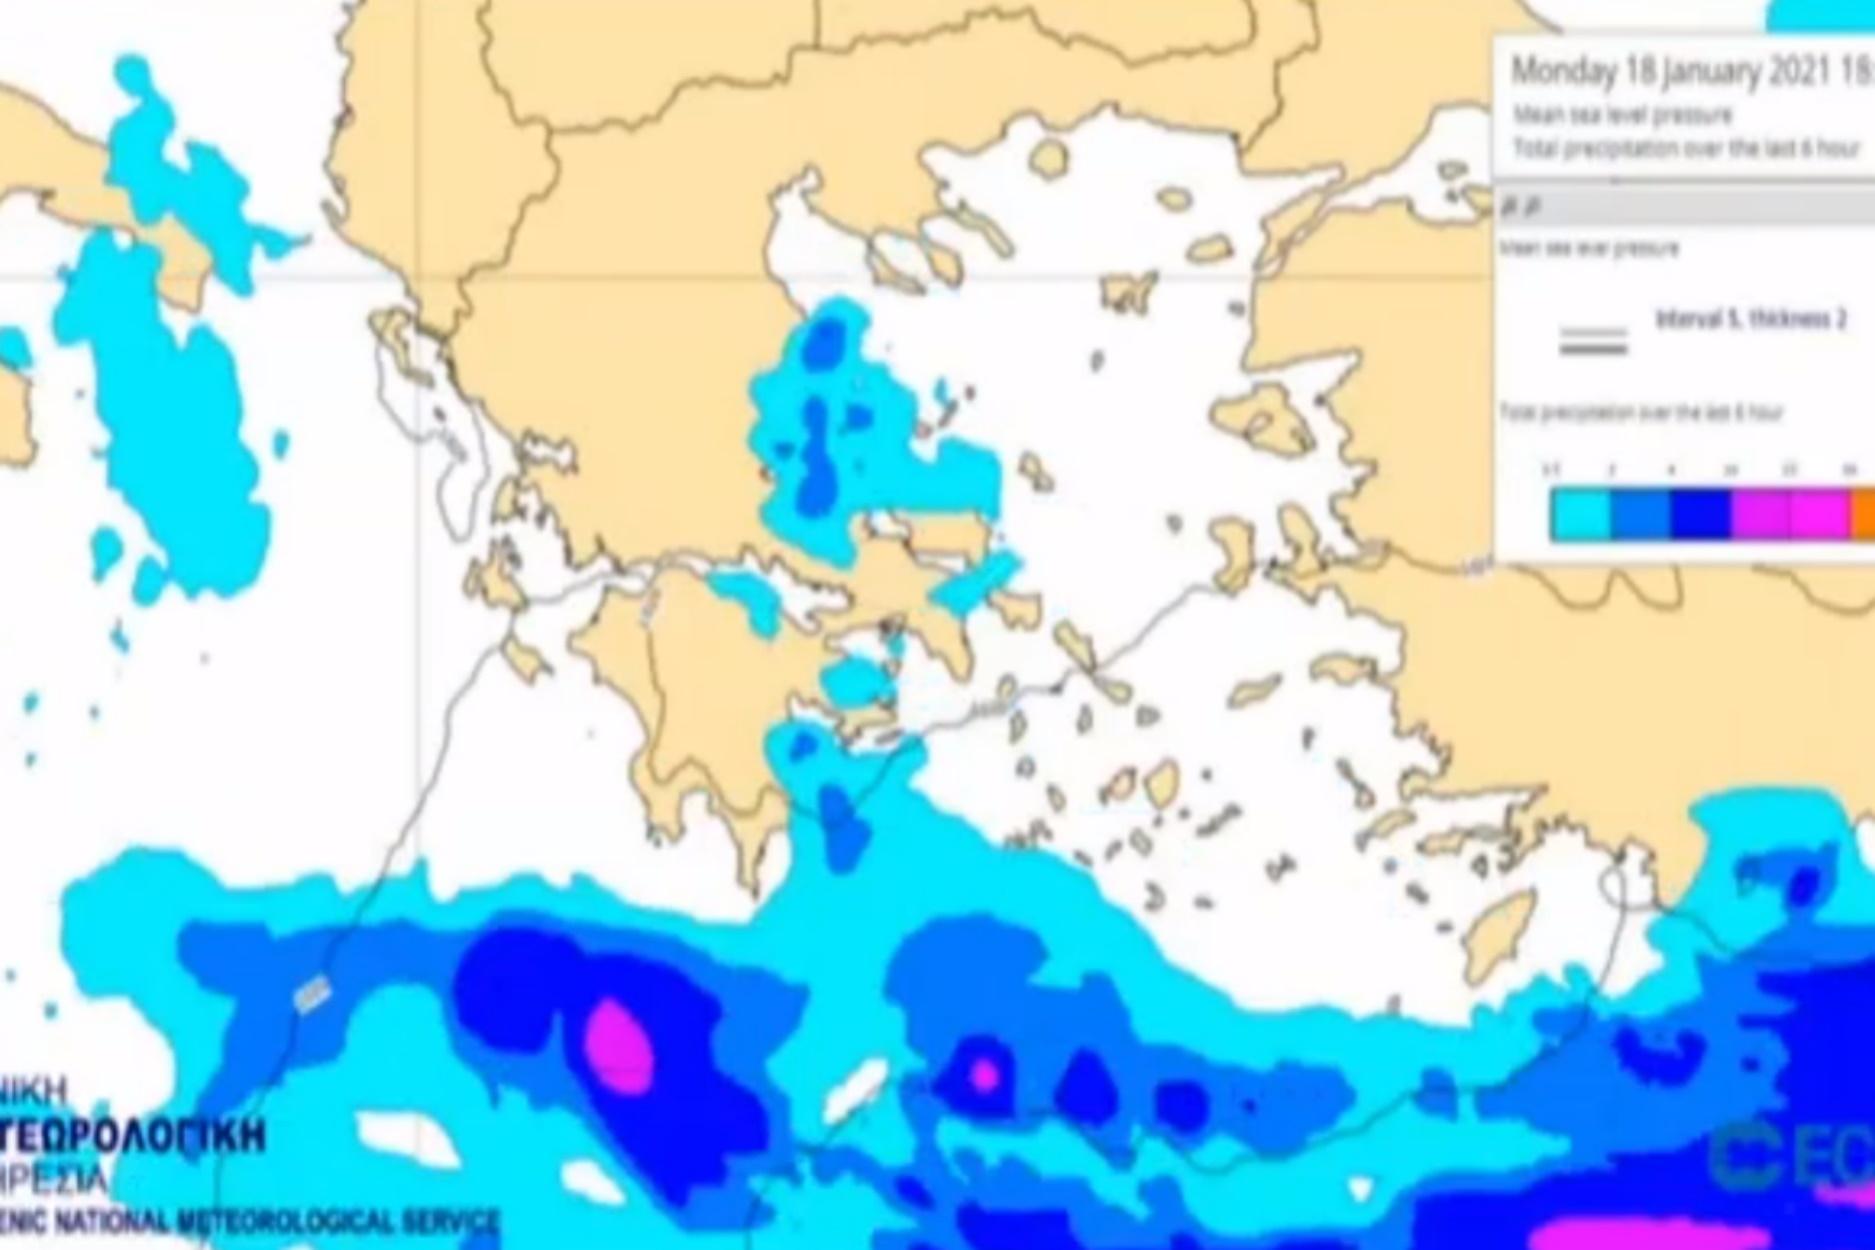 Καιρός – Κολυδάς: Προσοχή σε αυτές τις περιοχές – Που θα χιονίσει